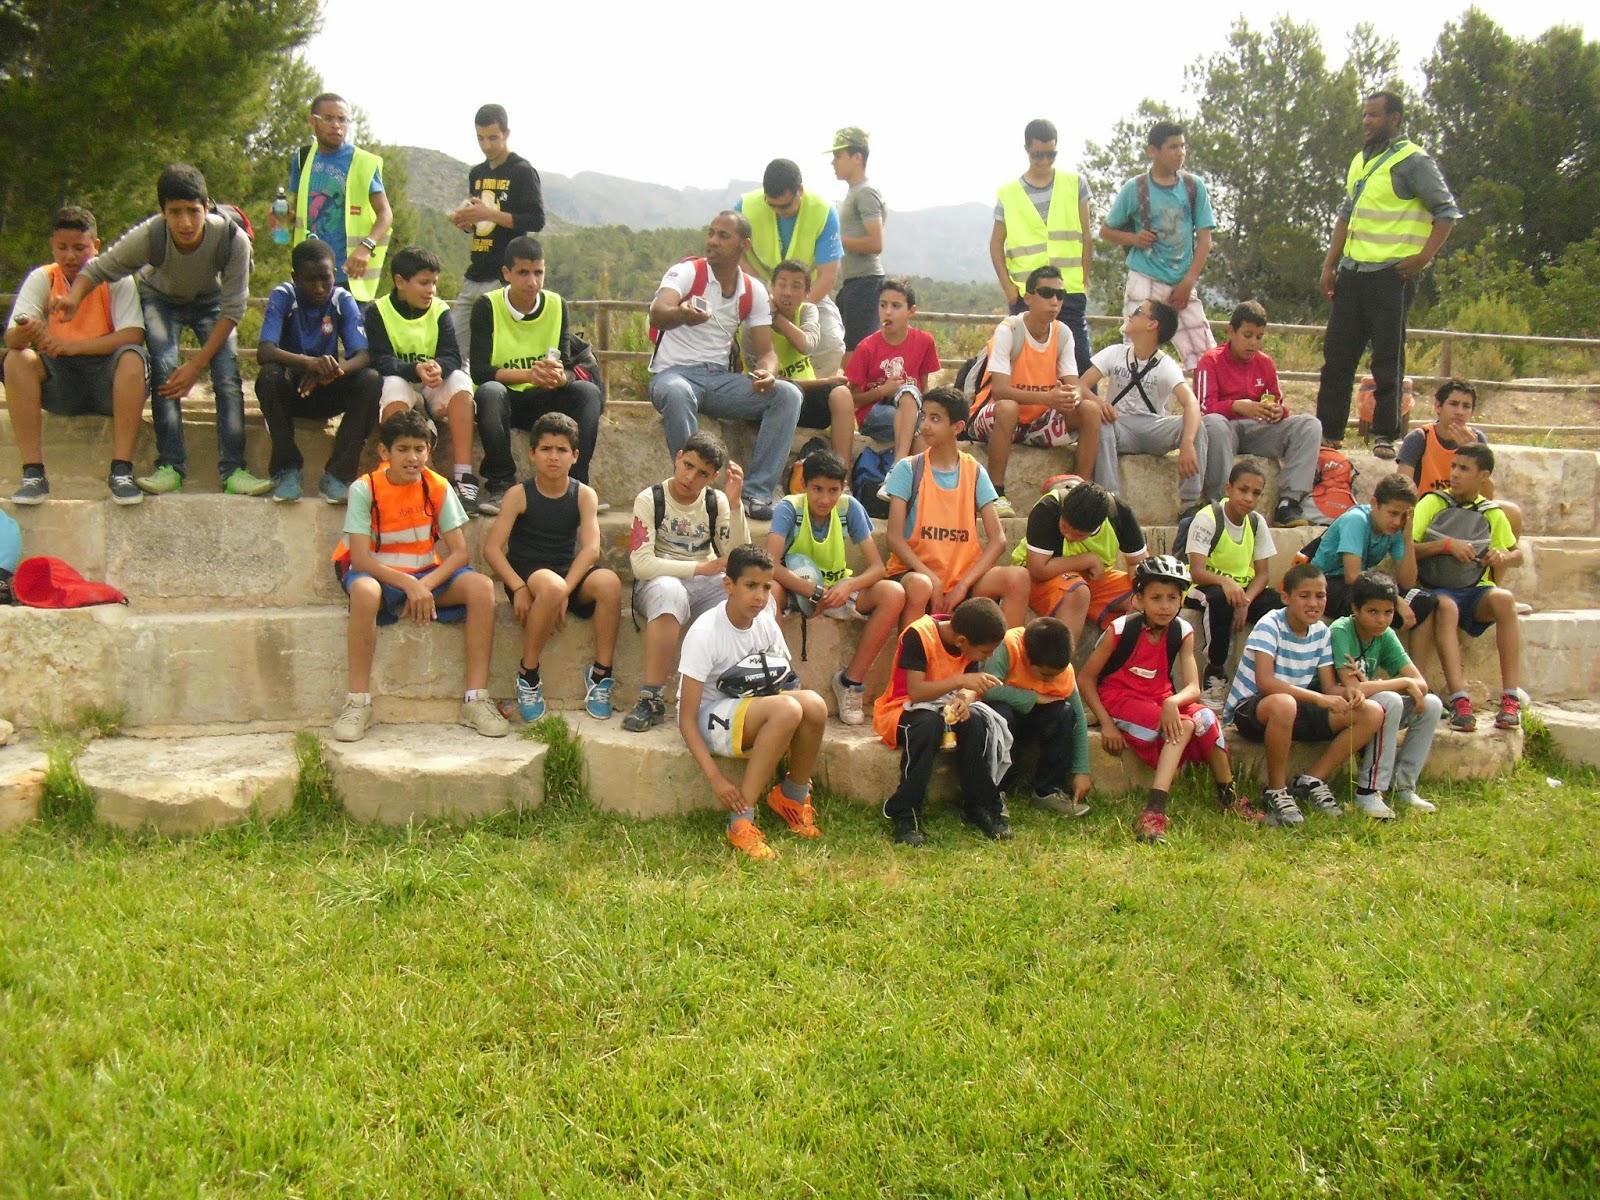 Una excursión con bicicletas para los jóvenes de Tortosa y Roquetes